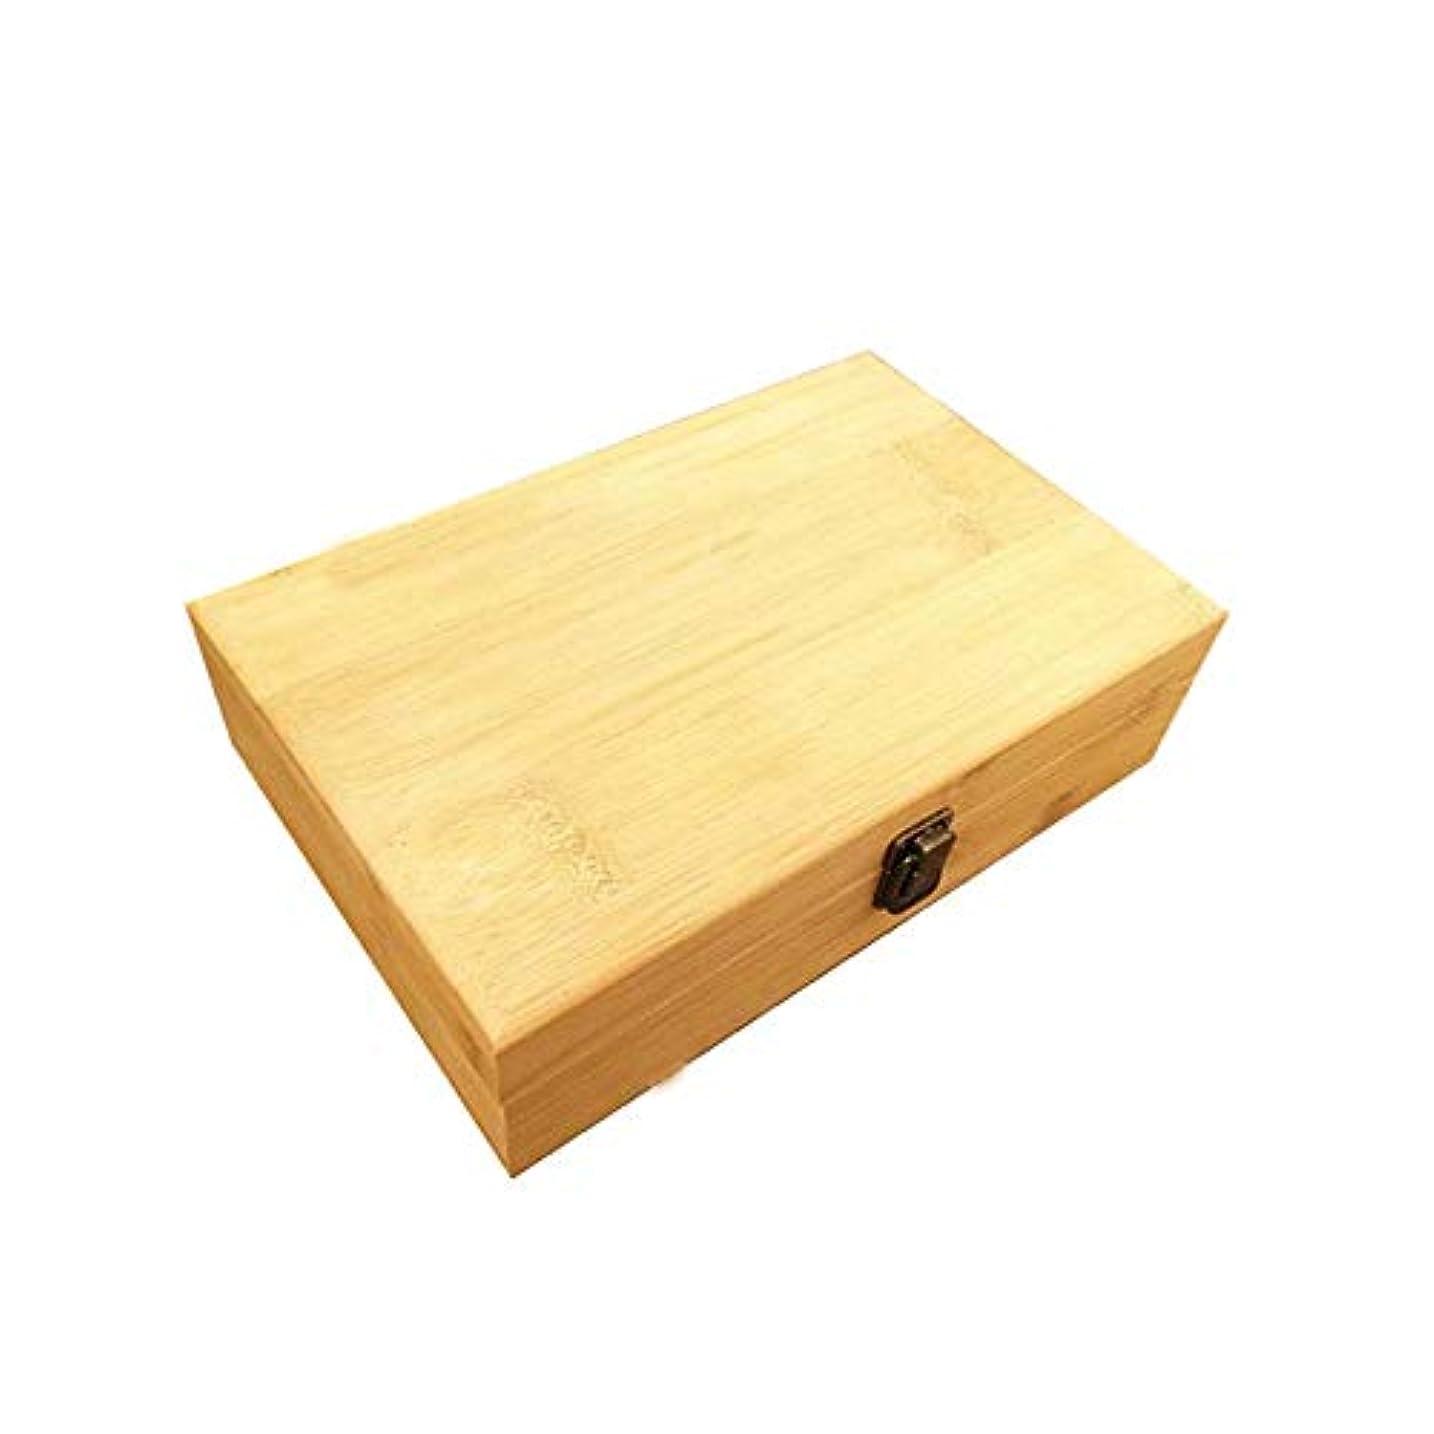 引き出し陽気な政治的エッセンシャルオイルストレージボックス 40スロットエッセンシャルオイルボックス木製収納ケースは、40本のボトルエッセンシャルオイルスペースセーバーの開催します 旅行およびプレゼンテーション用 (色 : Natural, サイズ : 29X18.5X8CM)